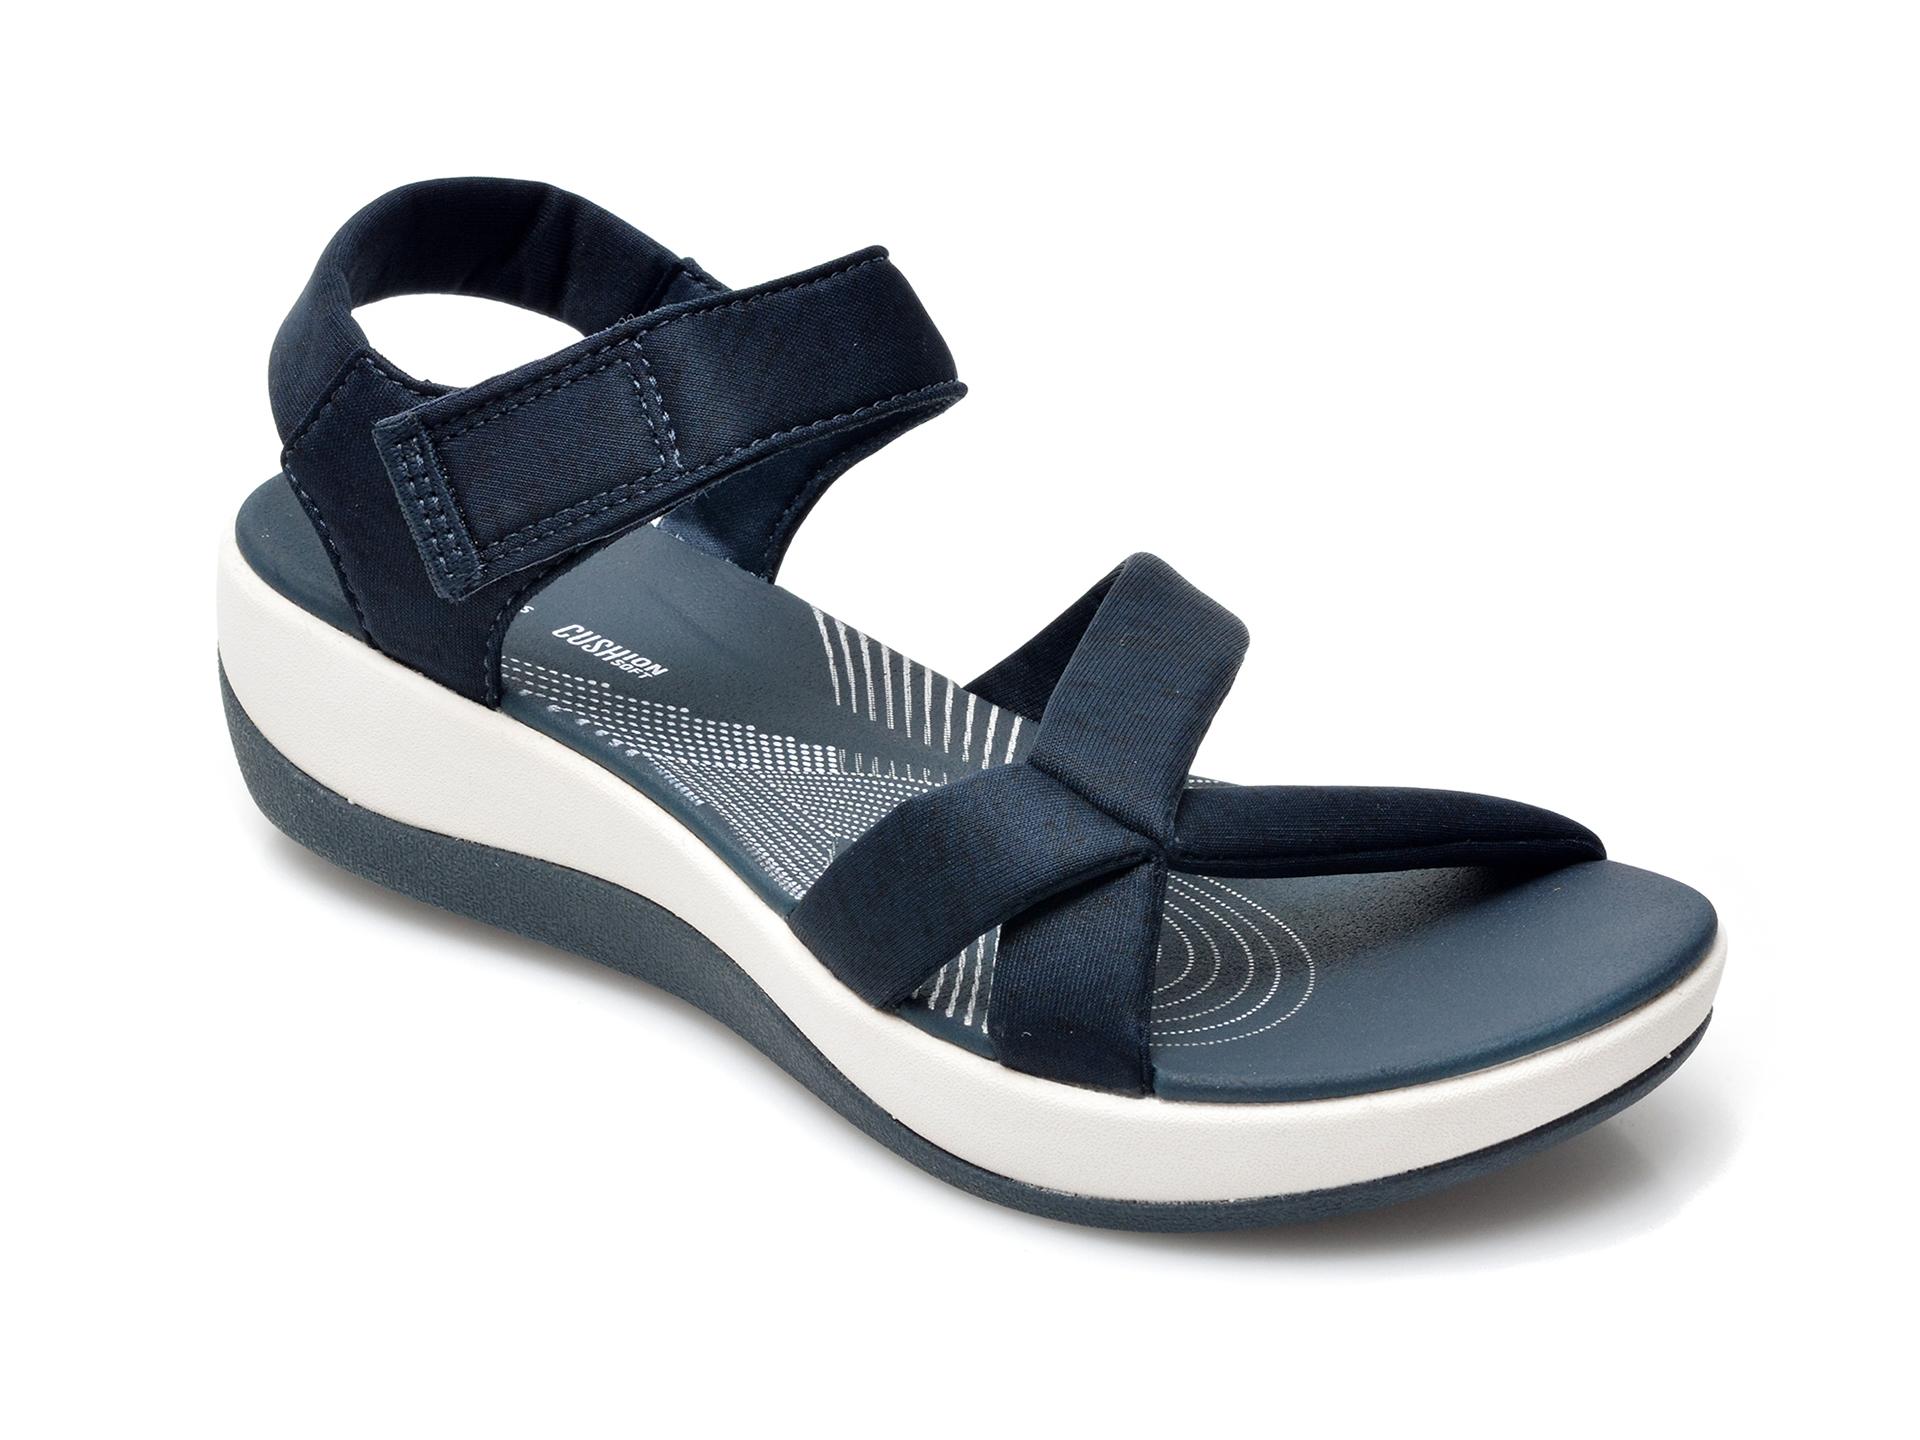 Sandale CLARKS bleumarin, Arla Gracie, din material textil imagine otter.ro 2021